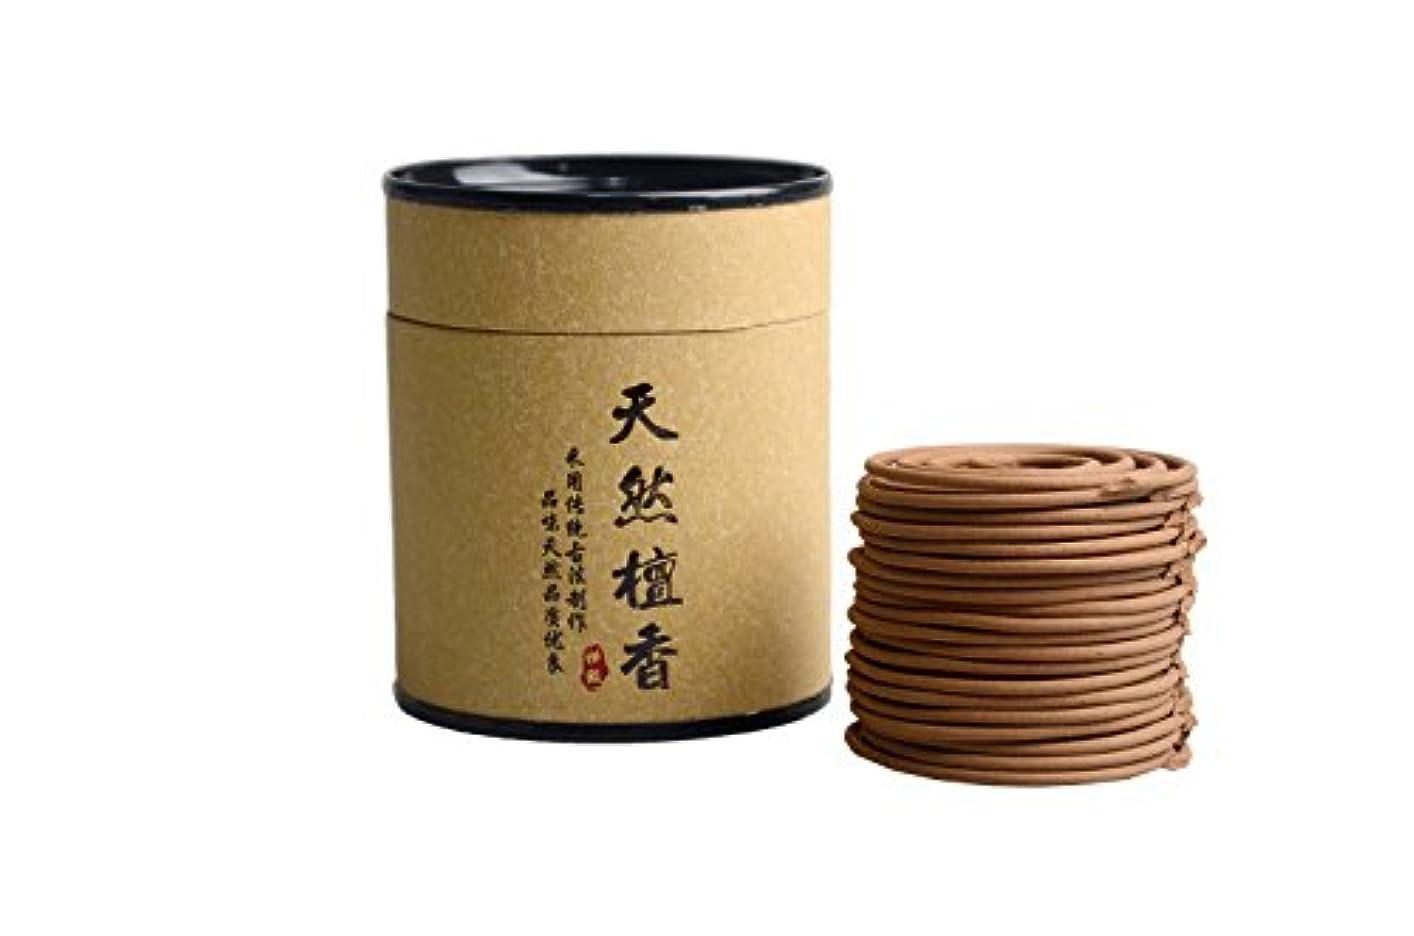 とまり木通信するメルボルンHwagui お香 白檀 優しい香り 渦巻き線香 2時間盤香 40巻入